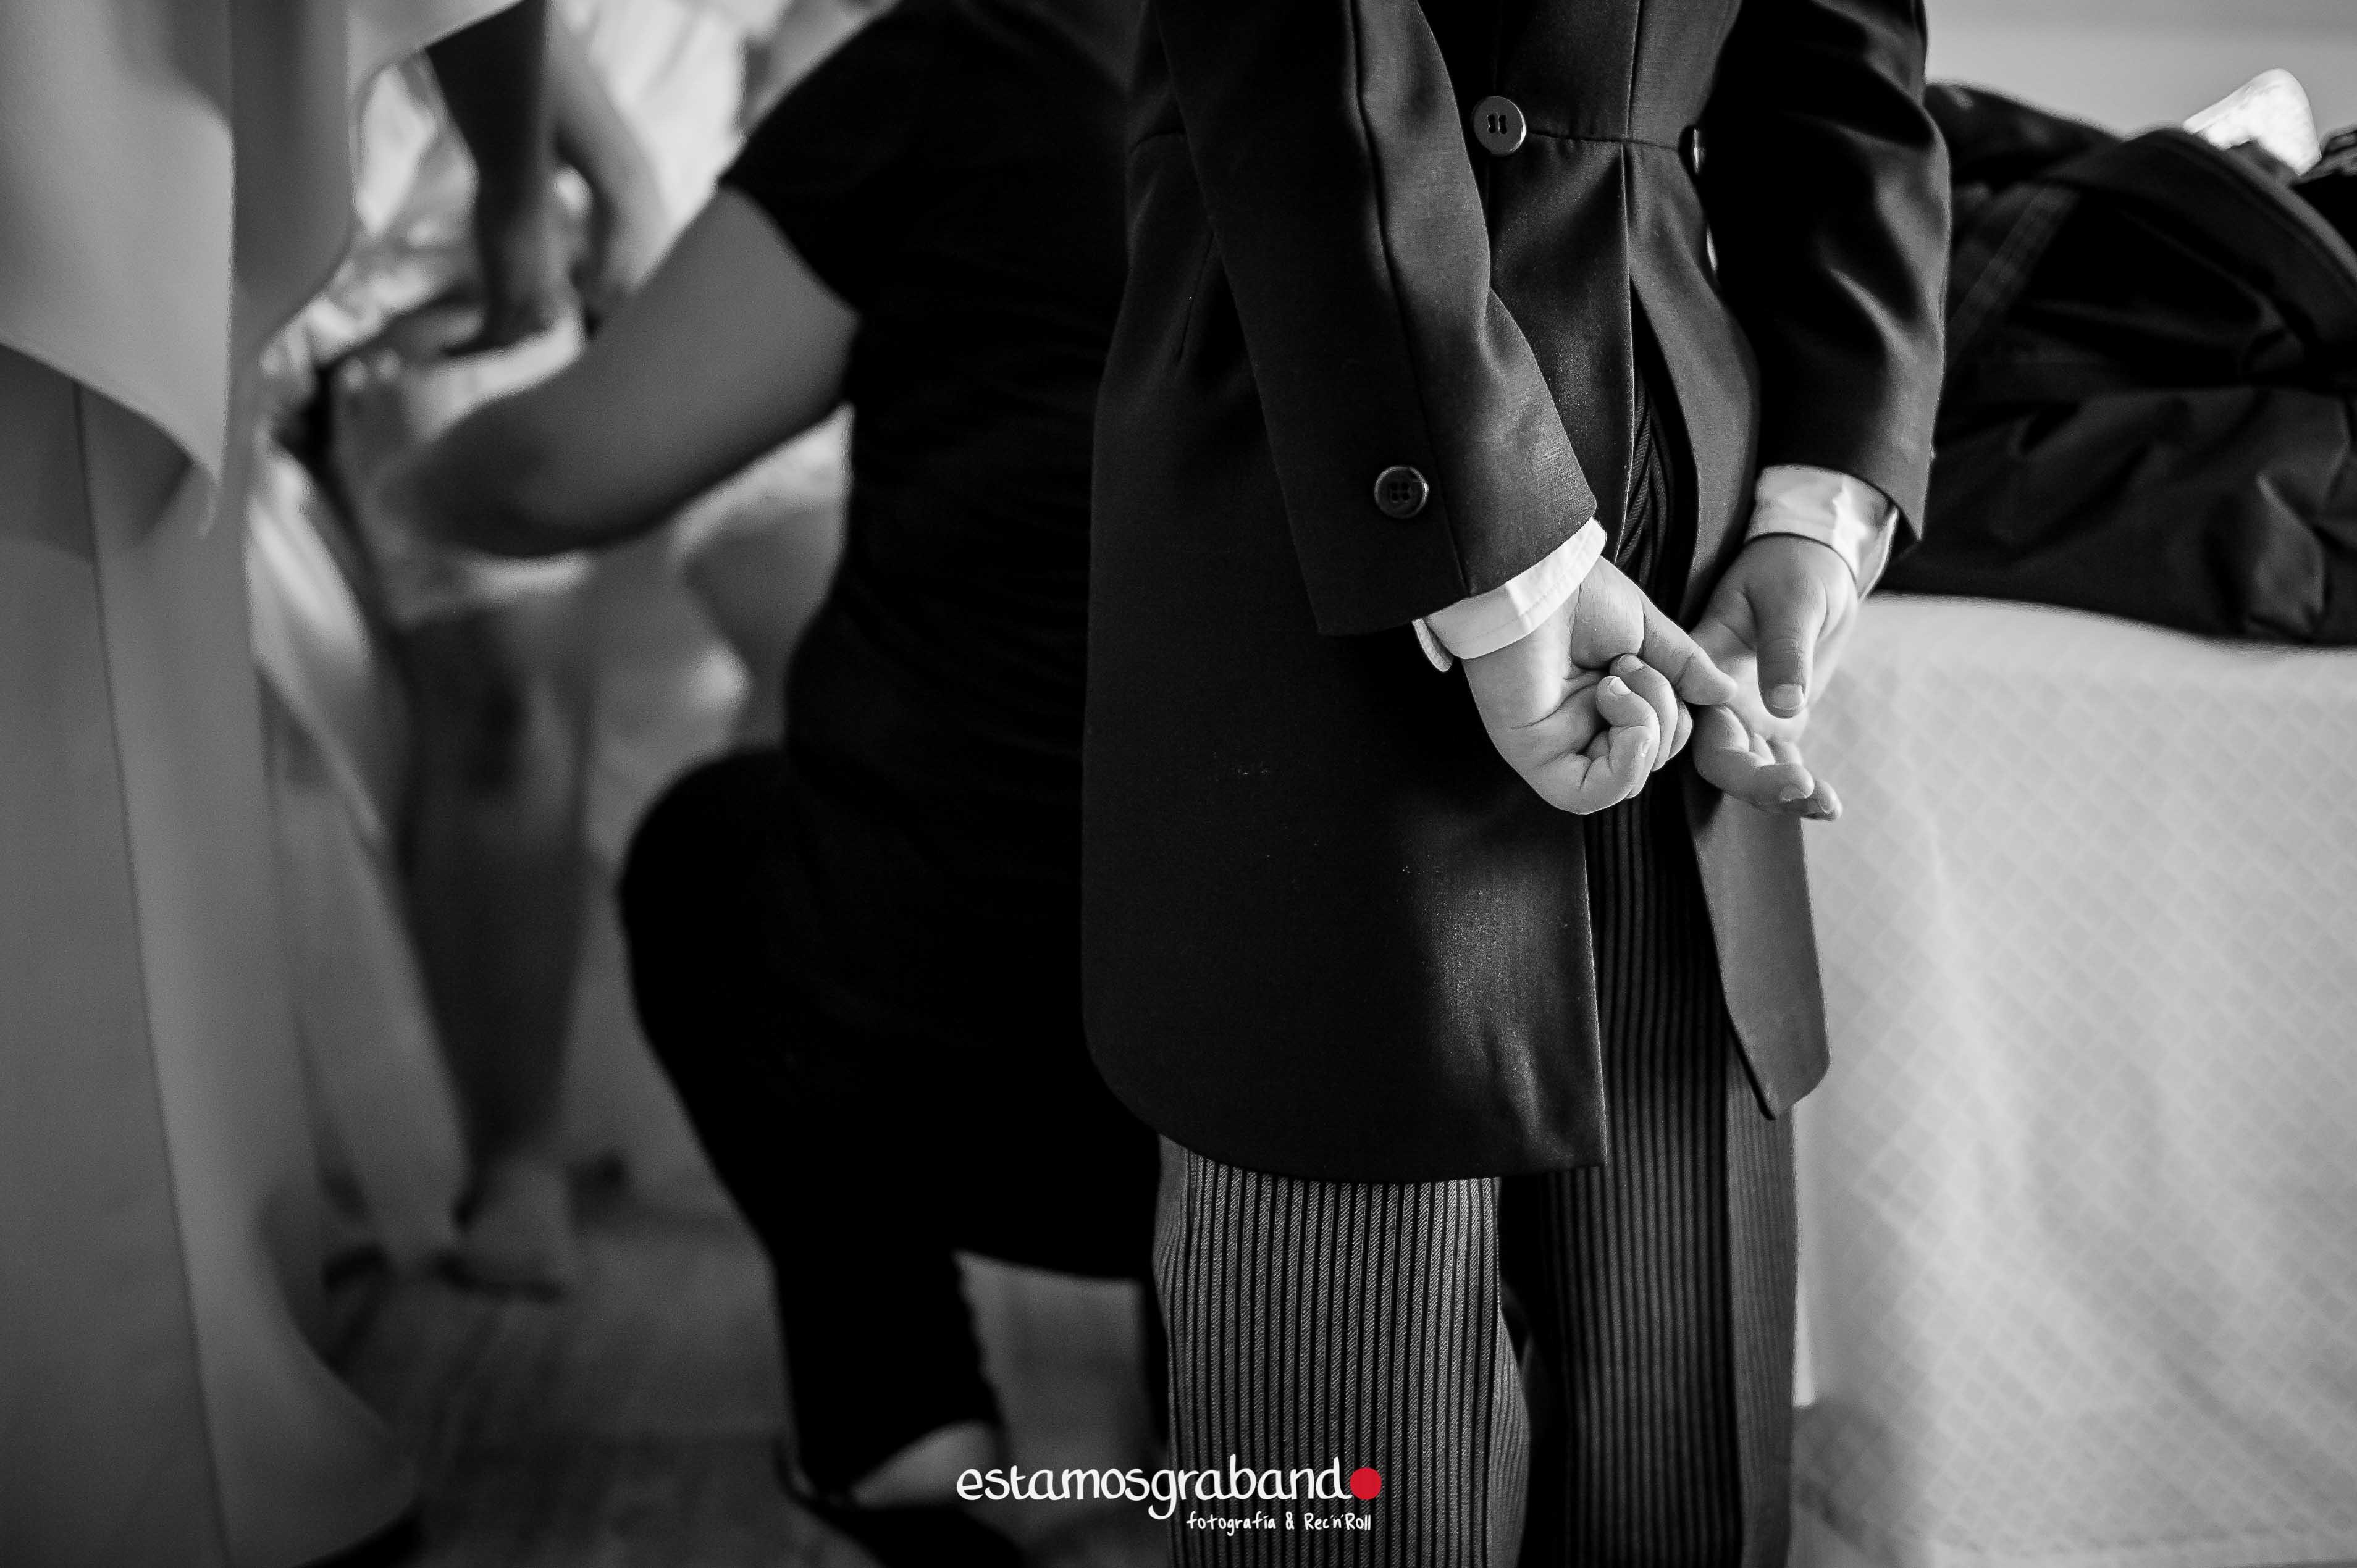 boda-en-chiclana_sonia-y-diego_fotograficc81a-de-boda-25 Zahara Sonia + Diego [Fotografía de Boda en Zahara] - video boda cadiz